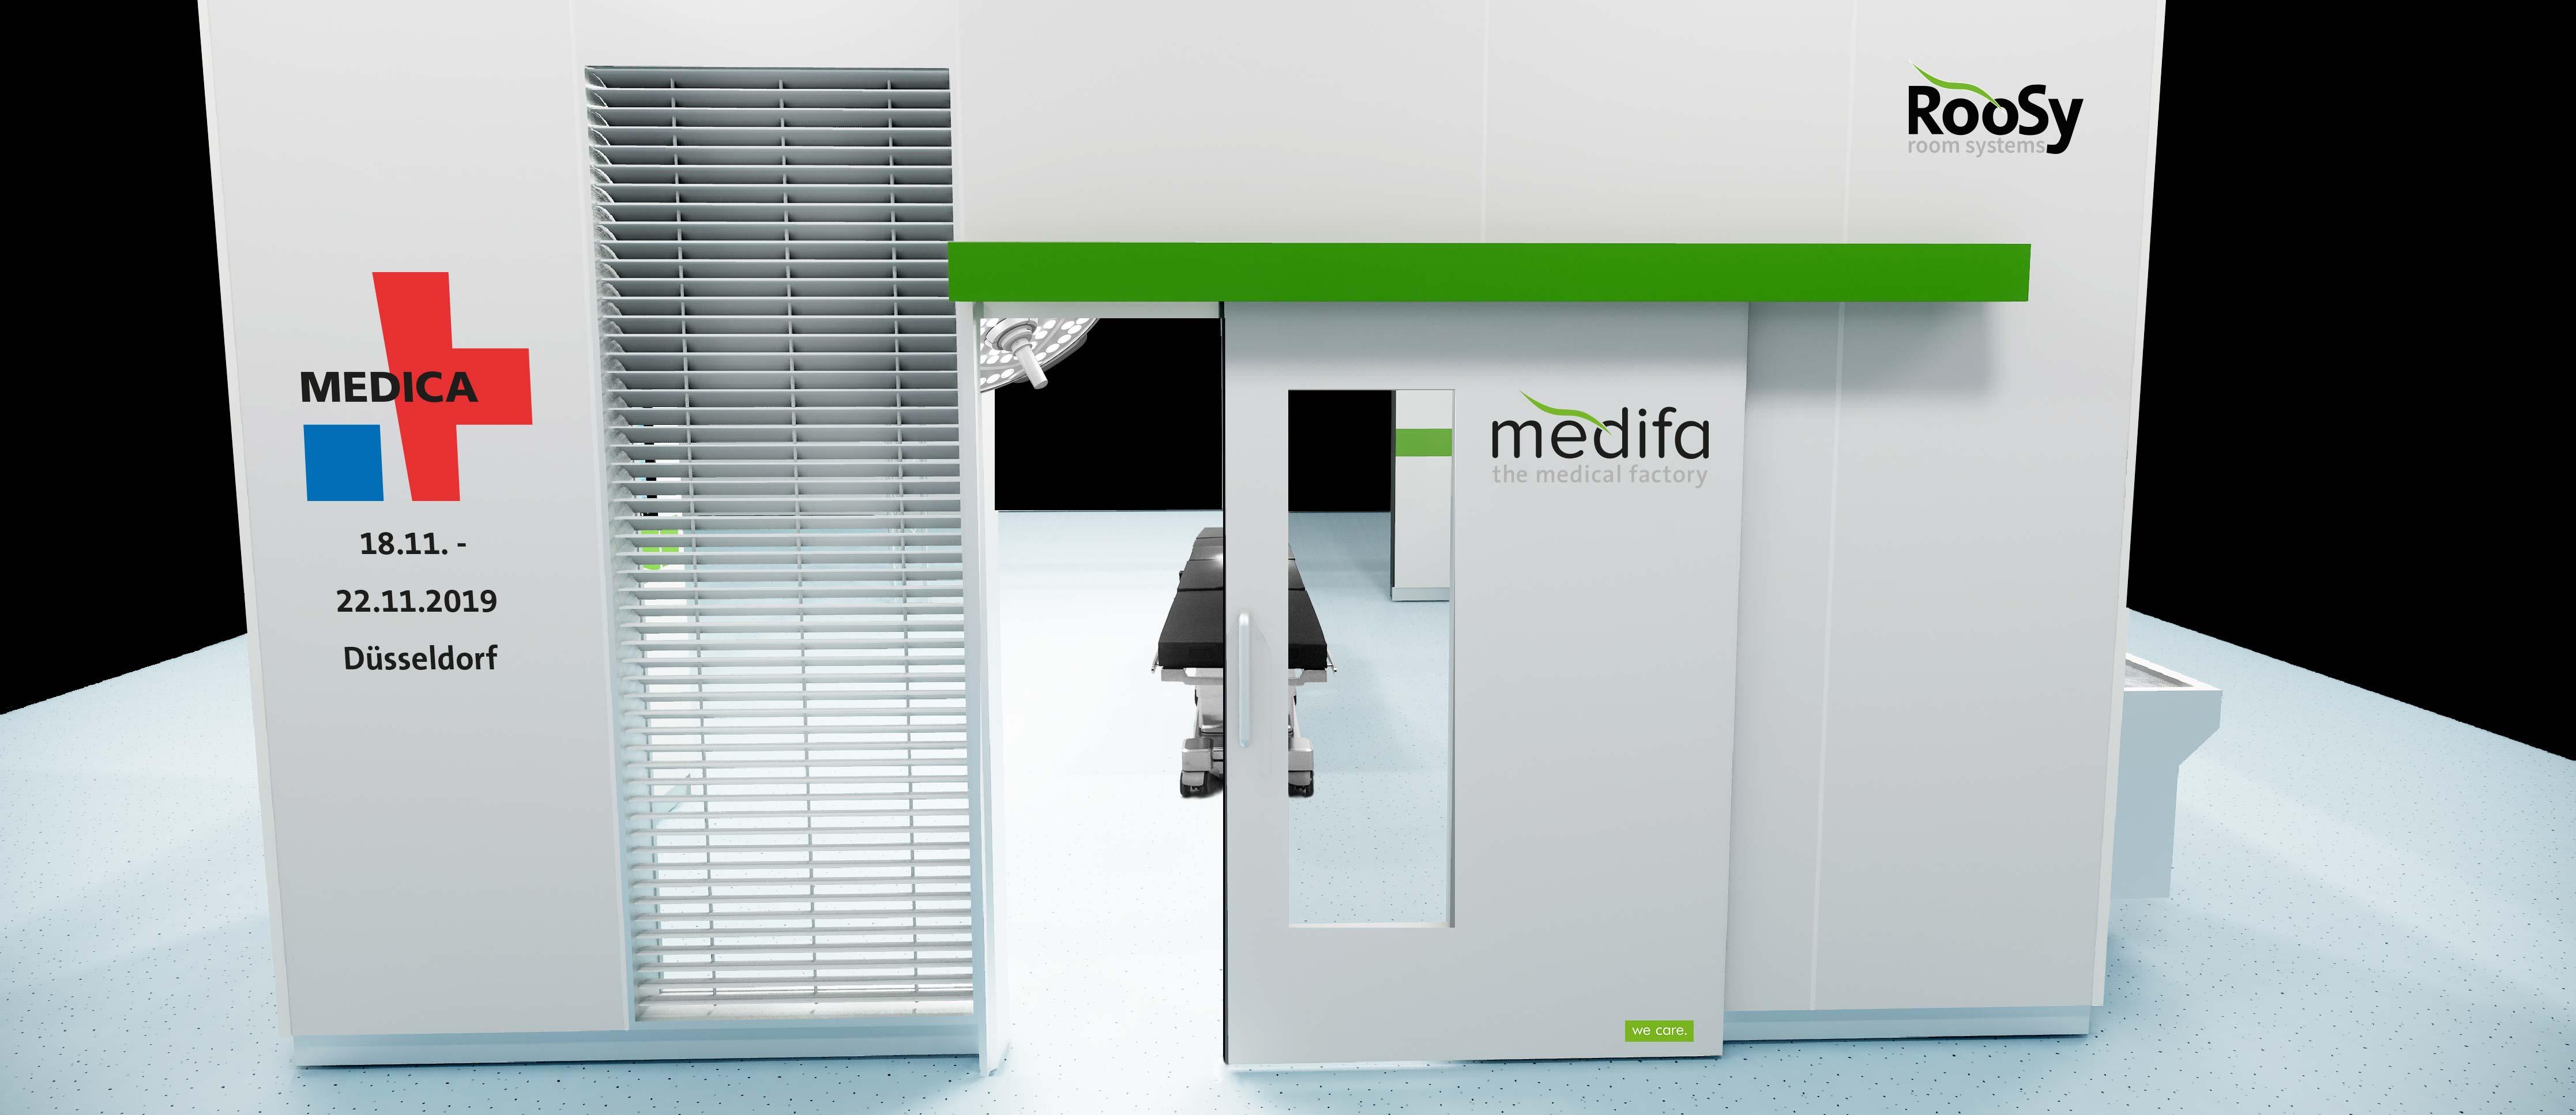 Medica 2019